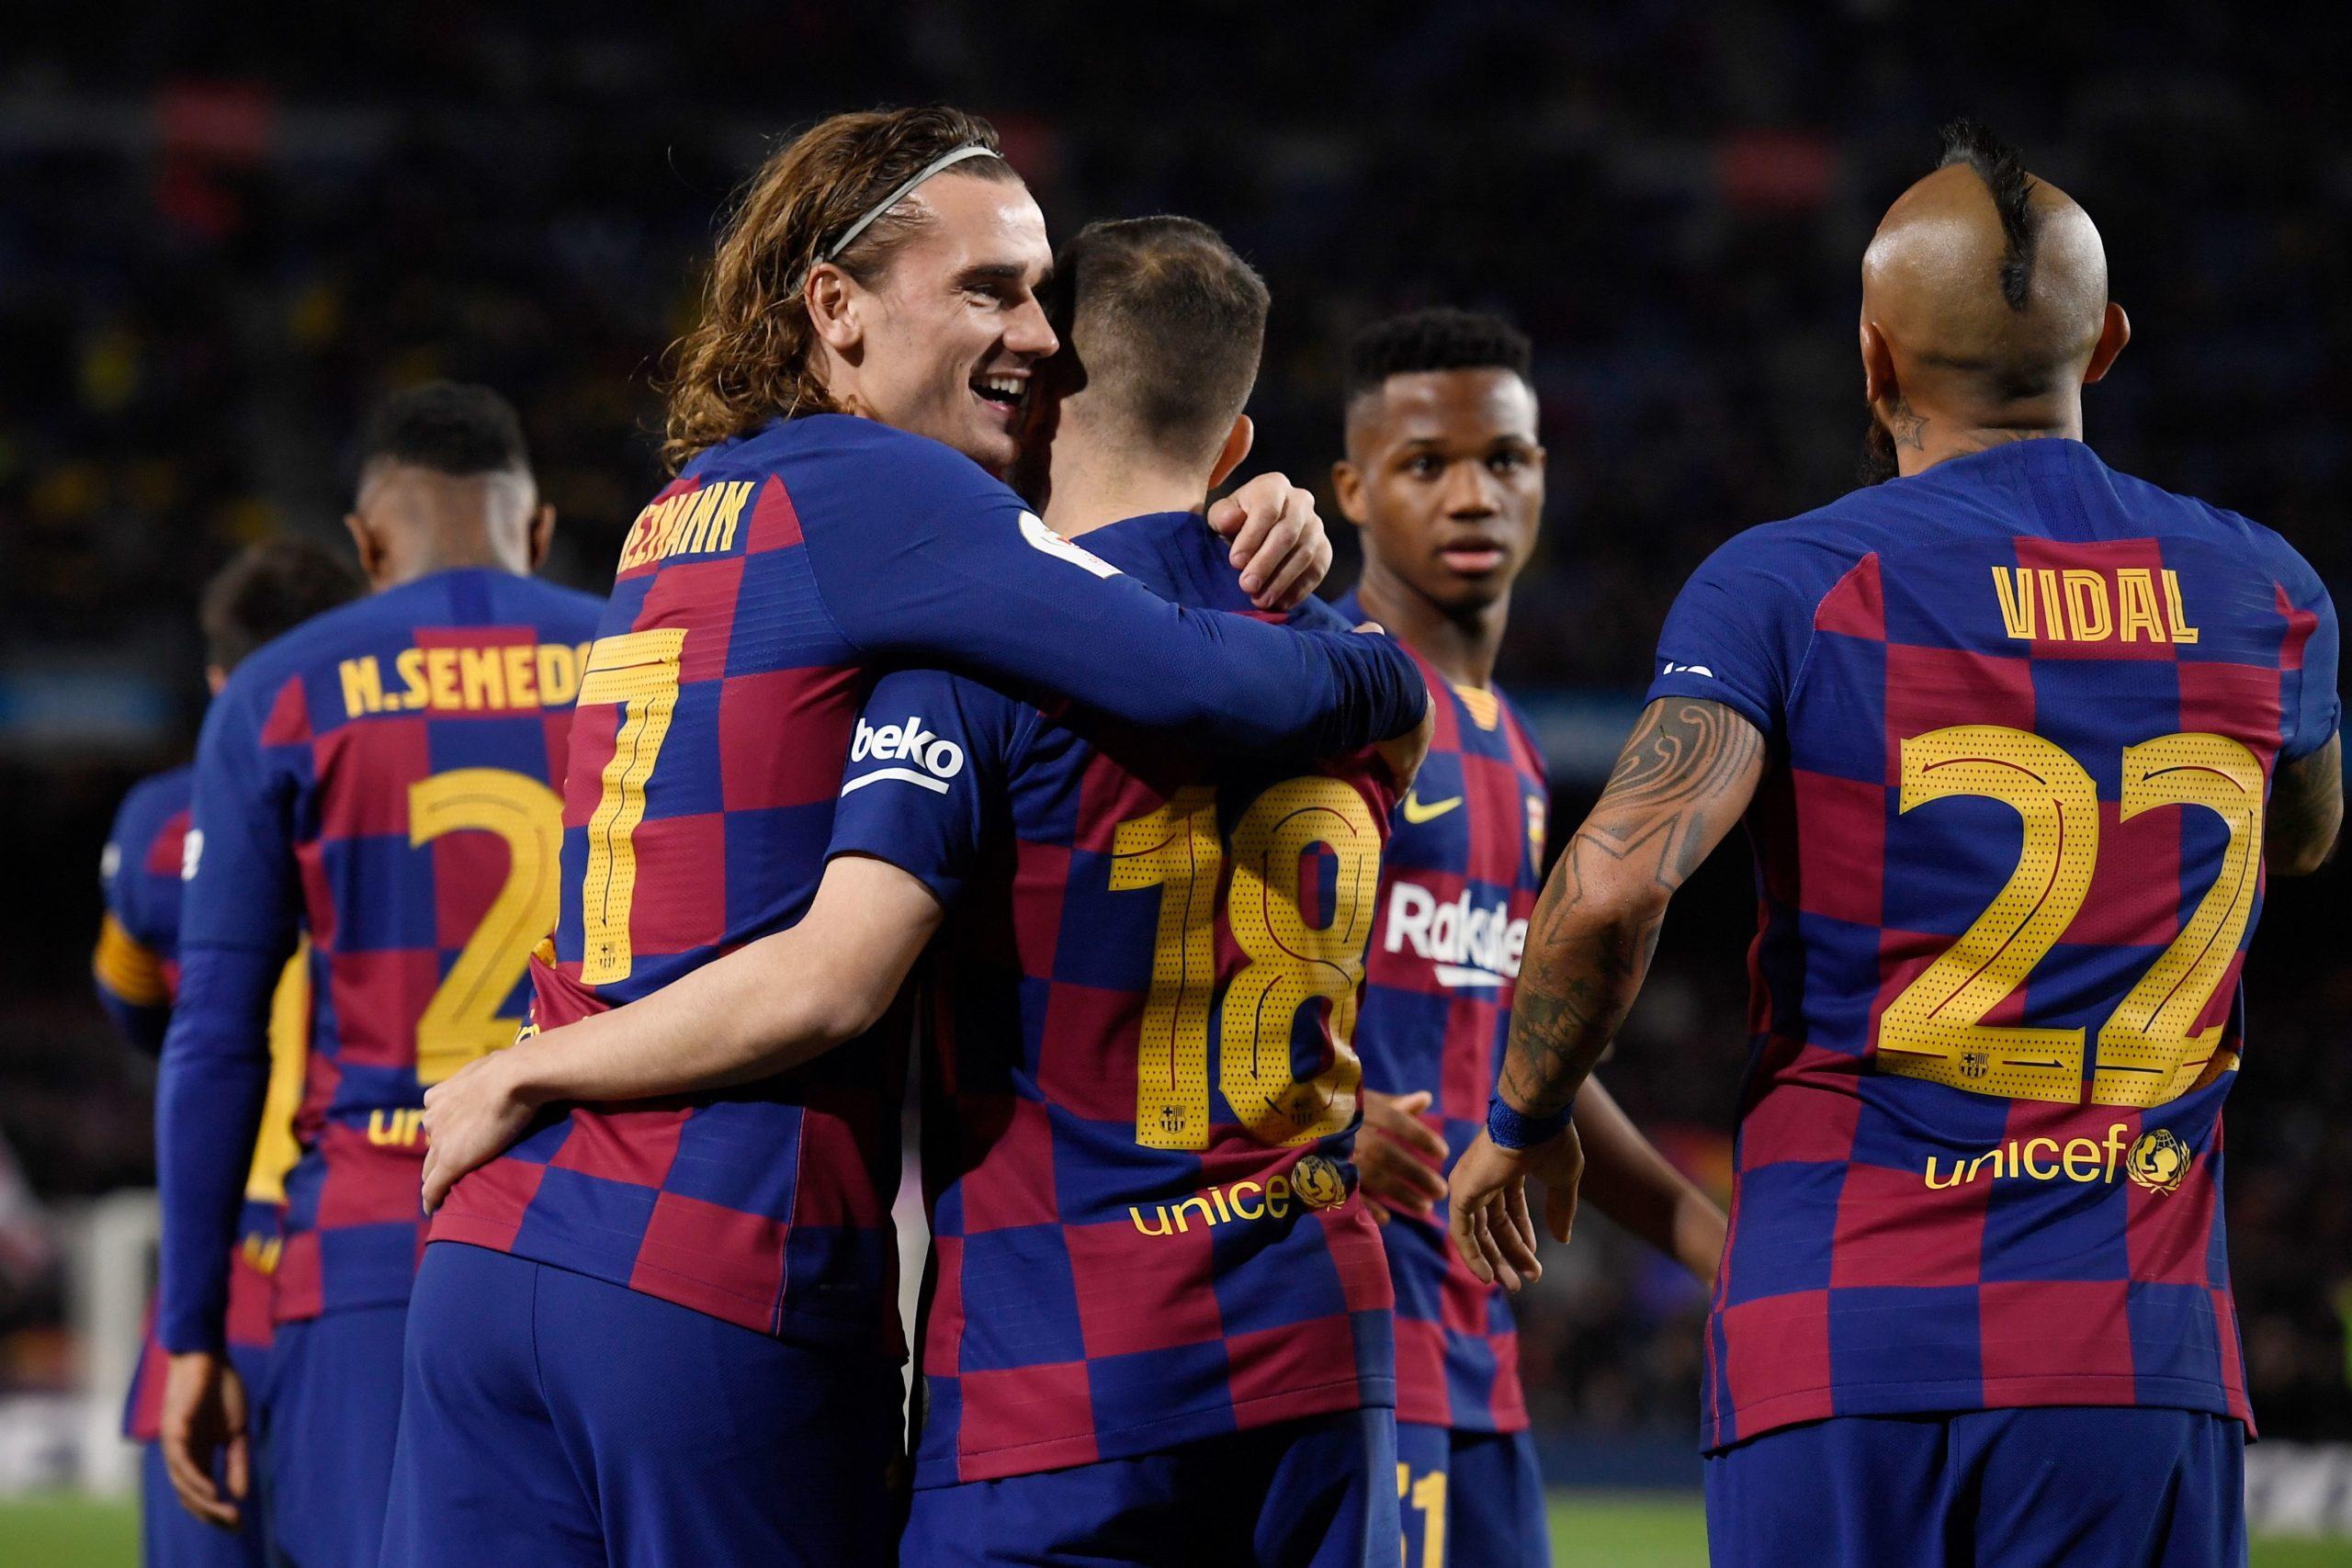 Barcelona-divulga-lista-de-convocados-paraa-partida-contra-o-Elche